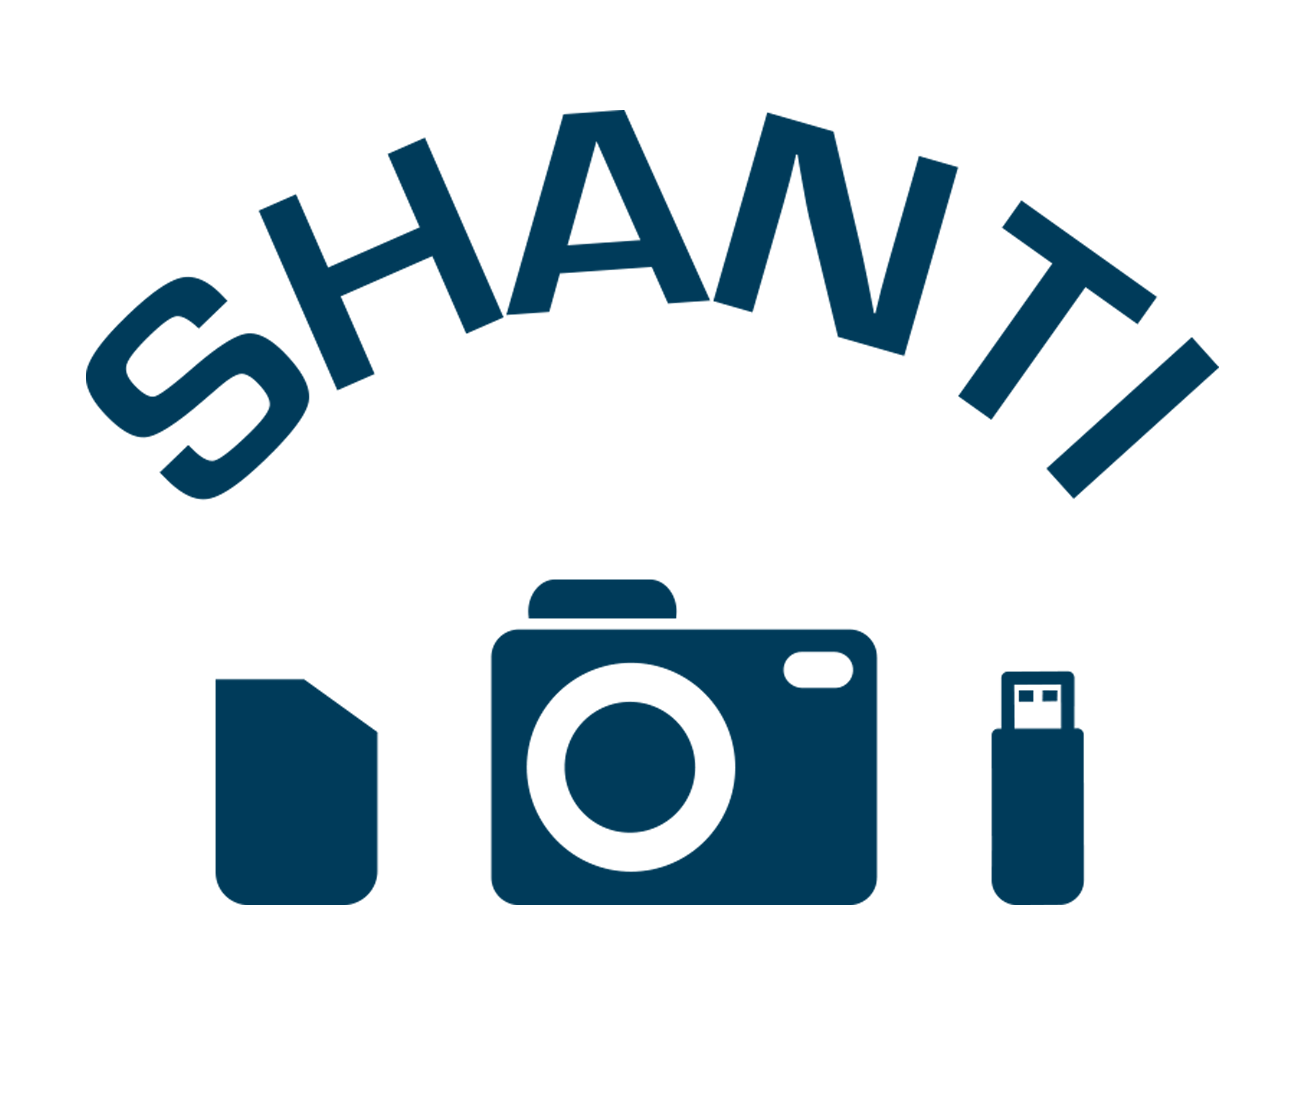 Shanti Bazar